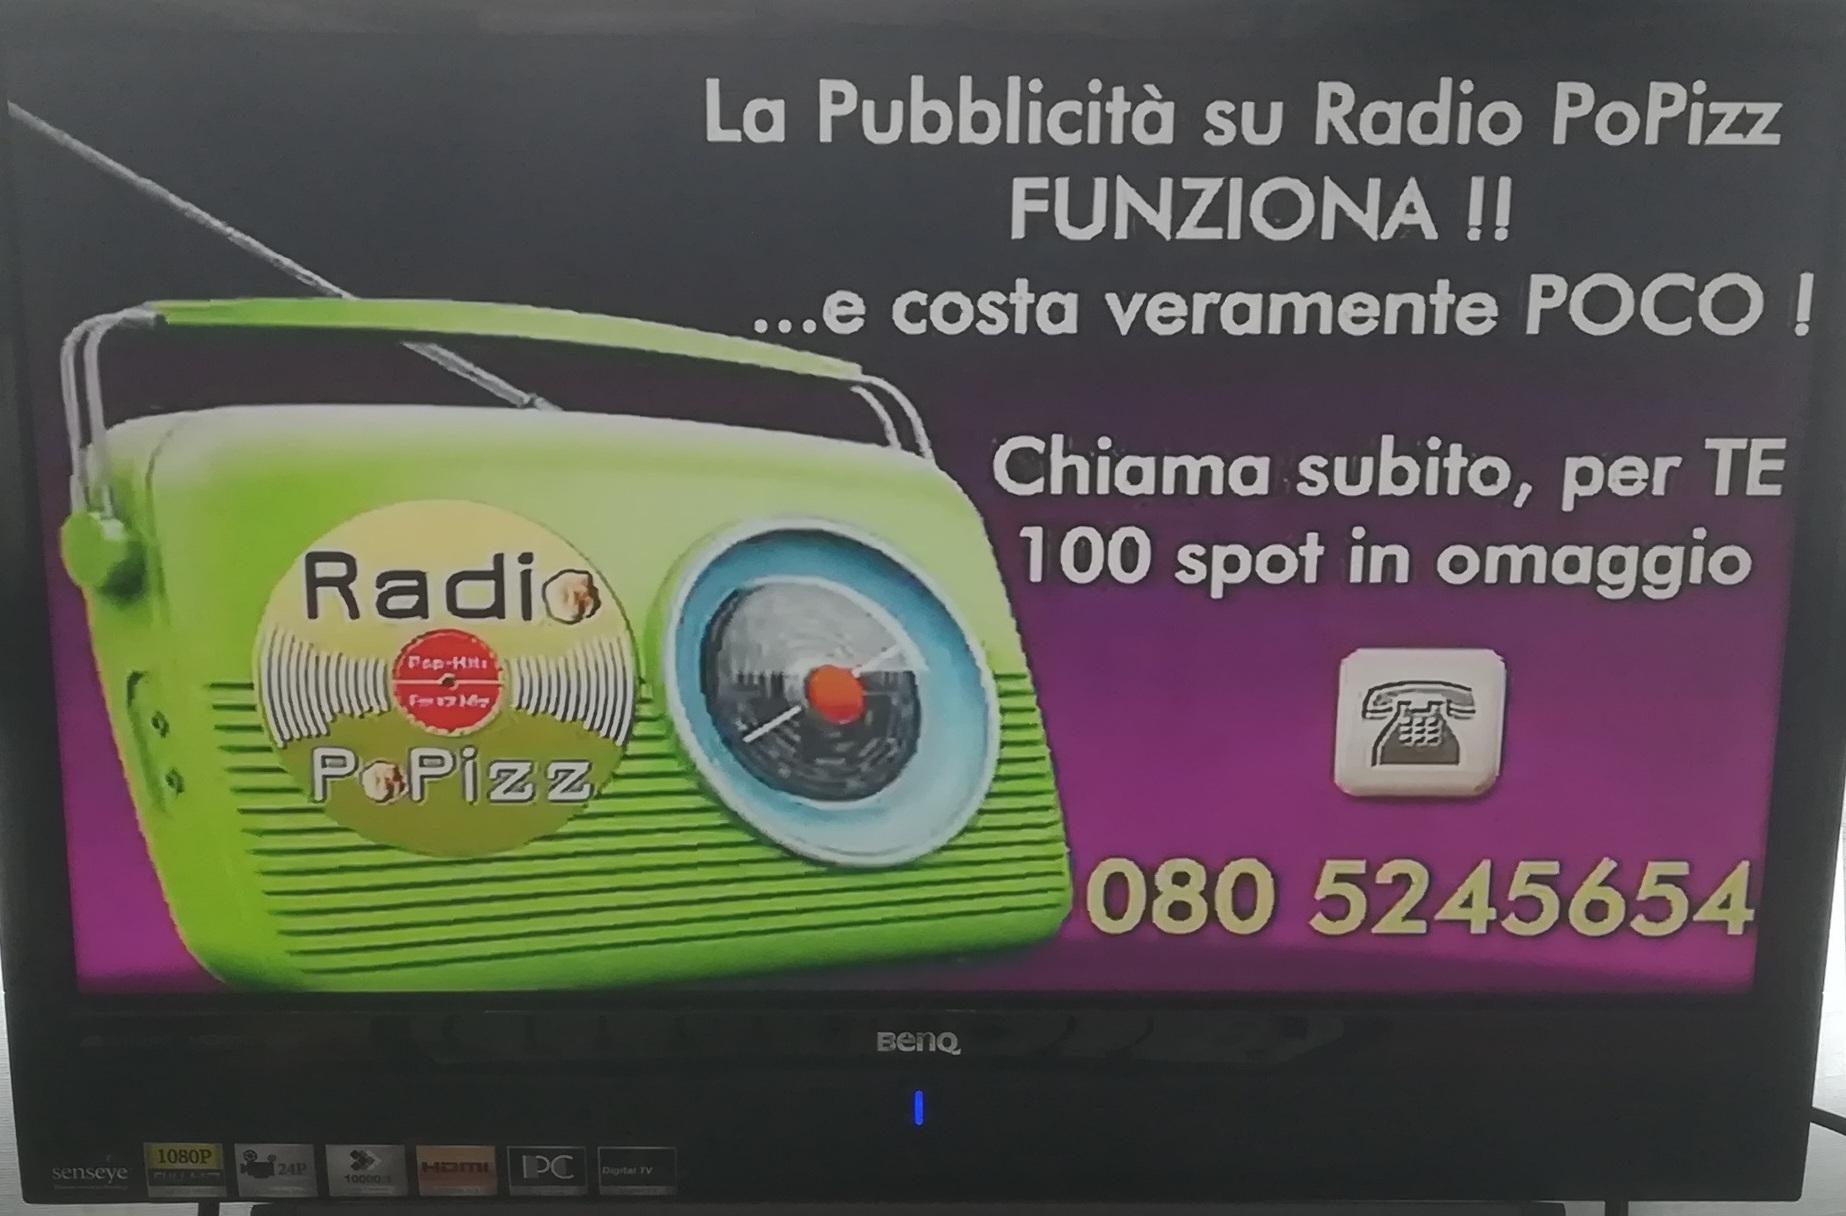 Radio Popizz audiografica - Radio. Cambia l'equilibrio tra le emittenti: i piccoli si convertono sul comunitario e sulla tv. Max 300 commerciali